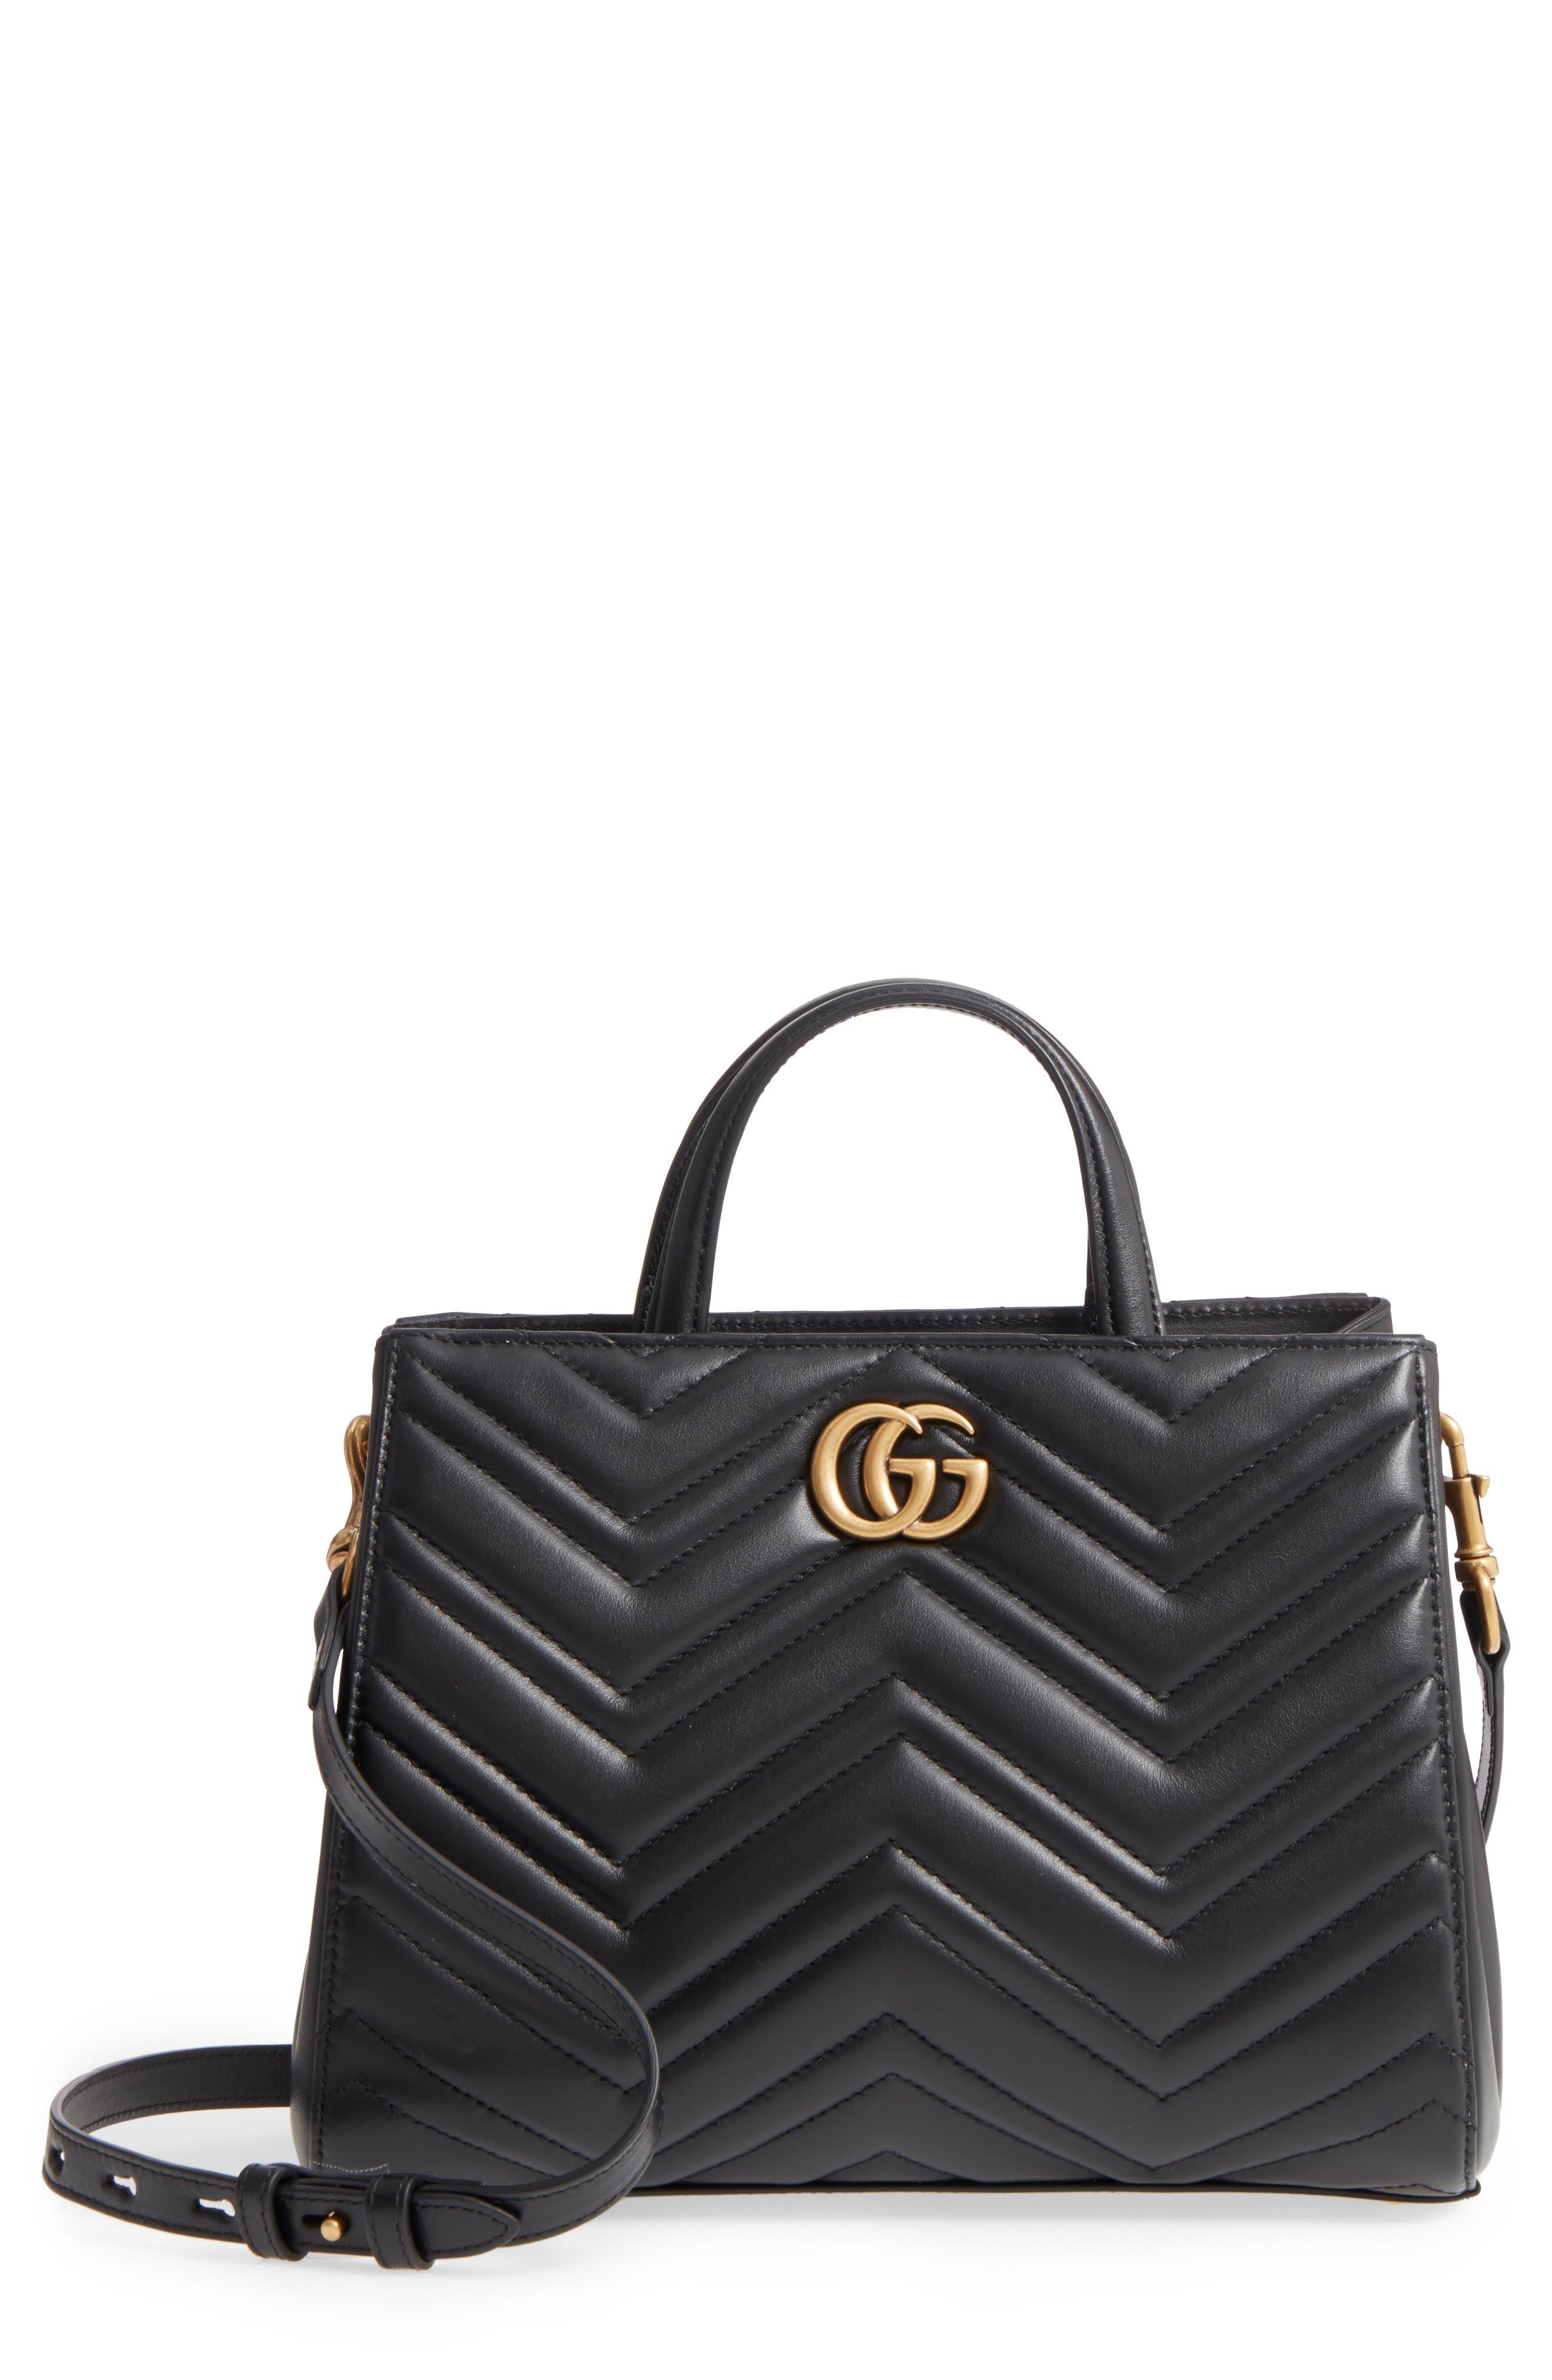 GG Small Marmont 2.0 Matelassé Leather Top Handle Satchel,                         Main,                         color, 005